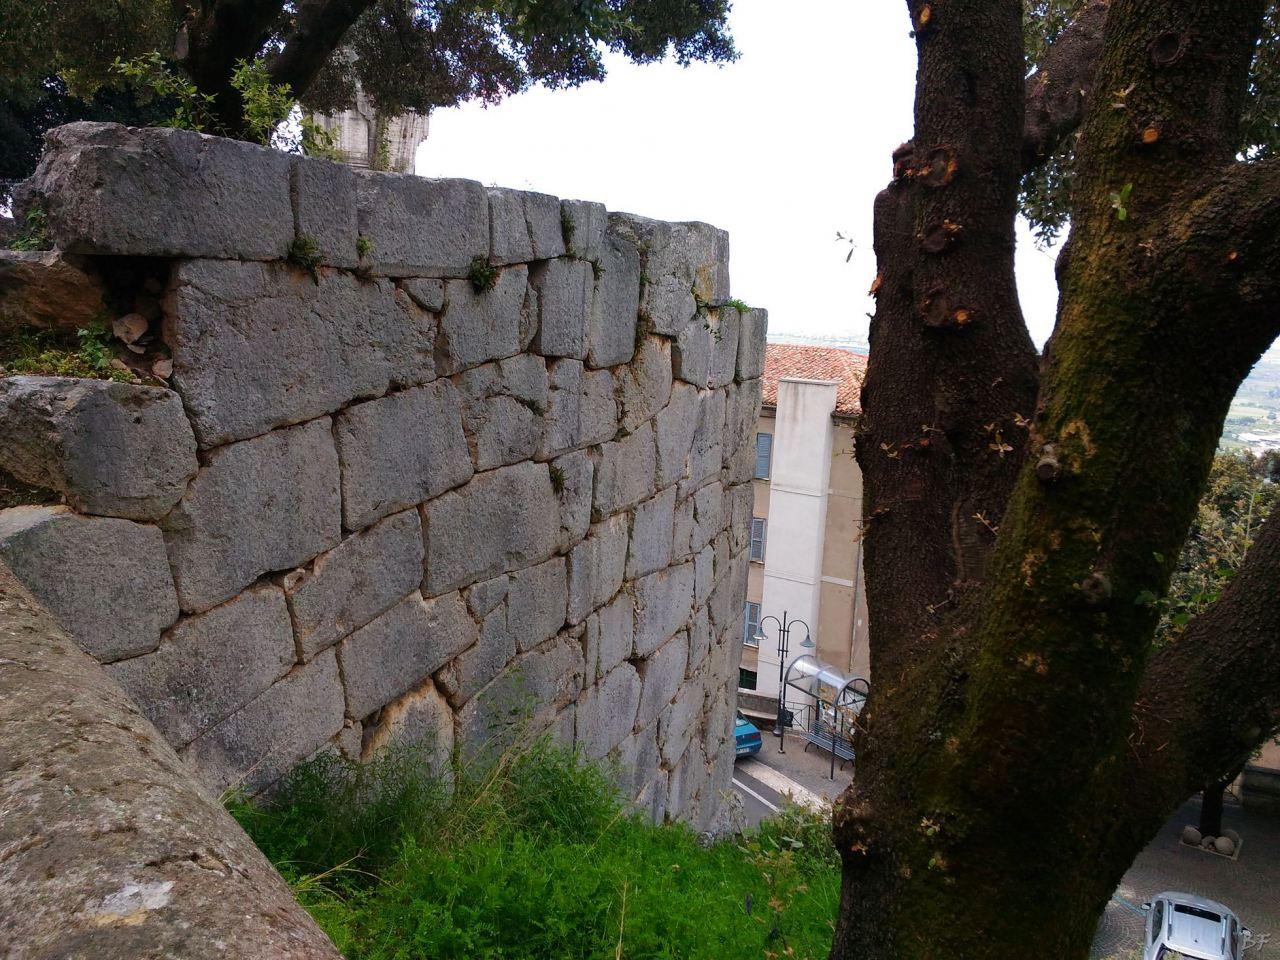 Cora-Mura-Poligonali-Megalitiche-Cori-Latina-Lazio-Italia-3